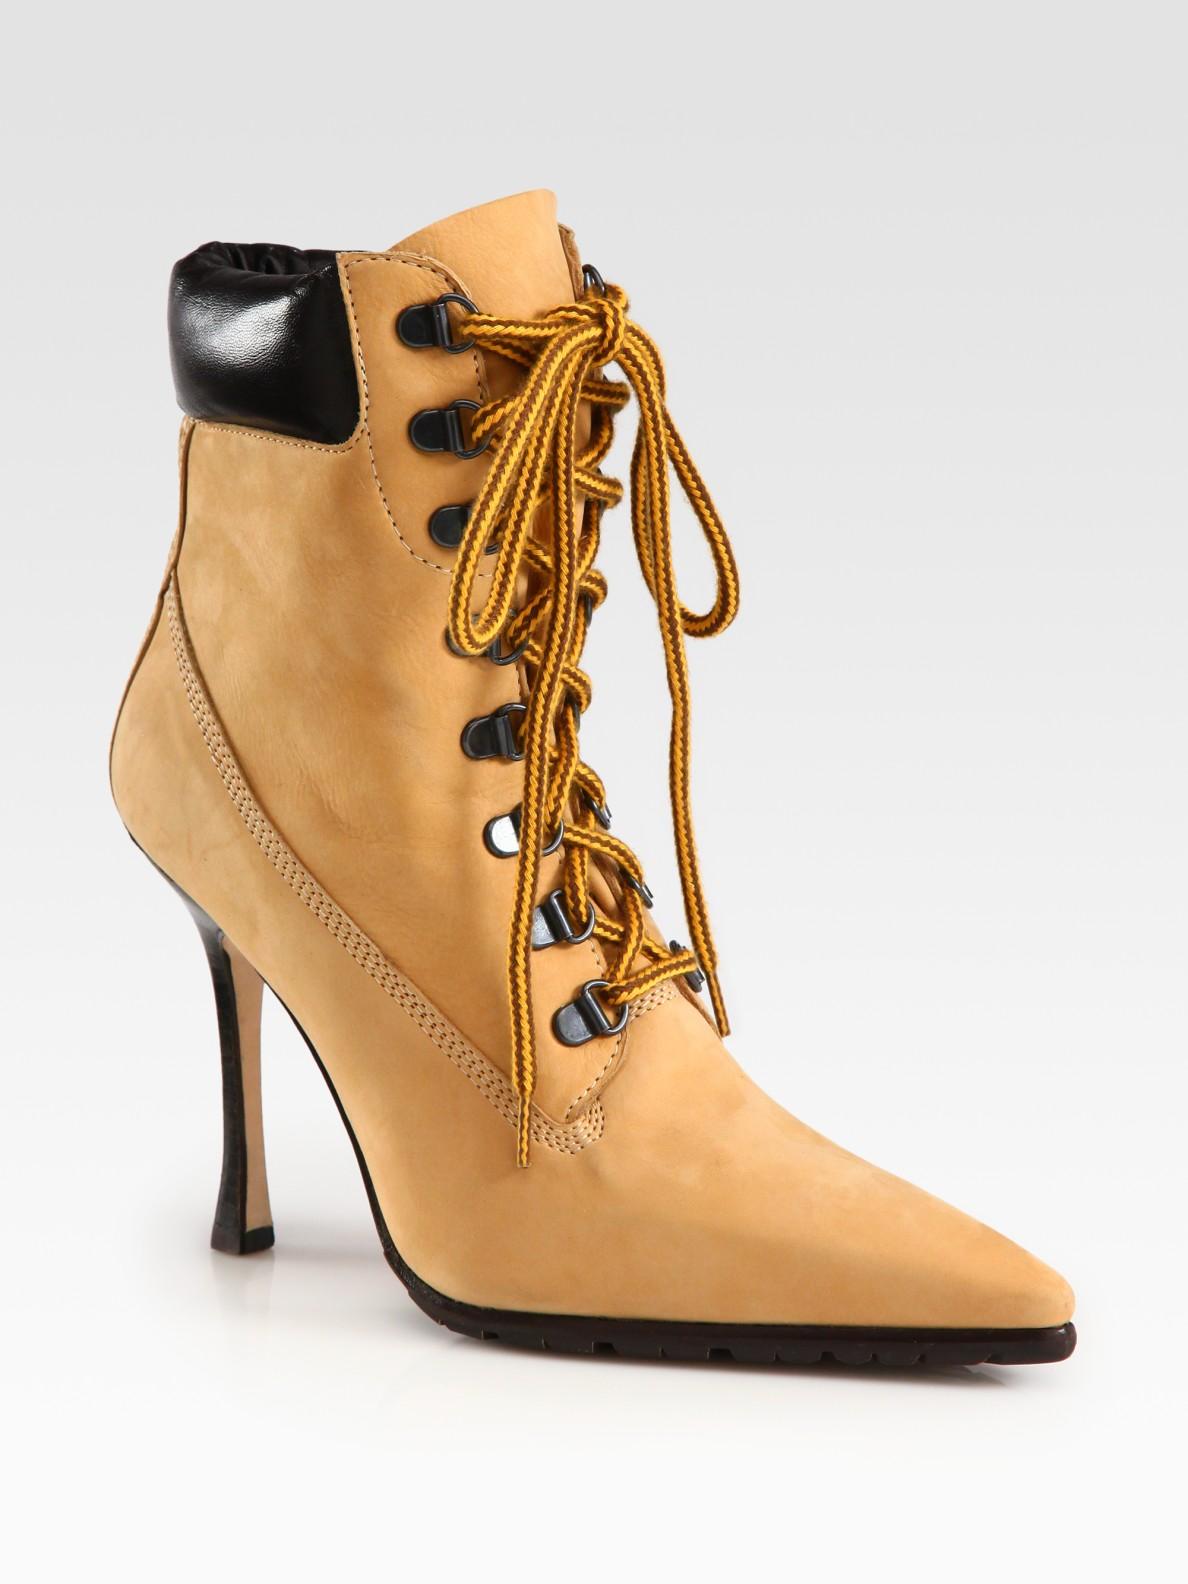 Manolo Blahnik Suede Lace-Up Ankle Boots Manchester sale online clearance get authentic jTbkGjbK3U